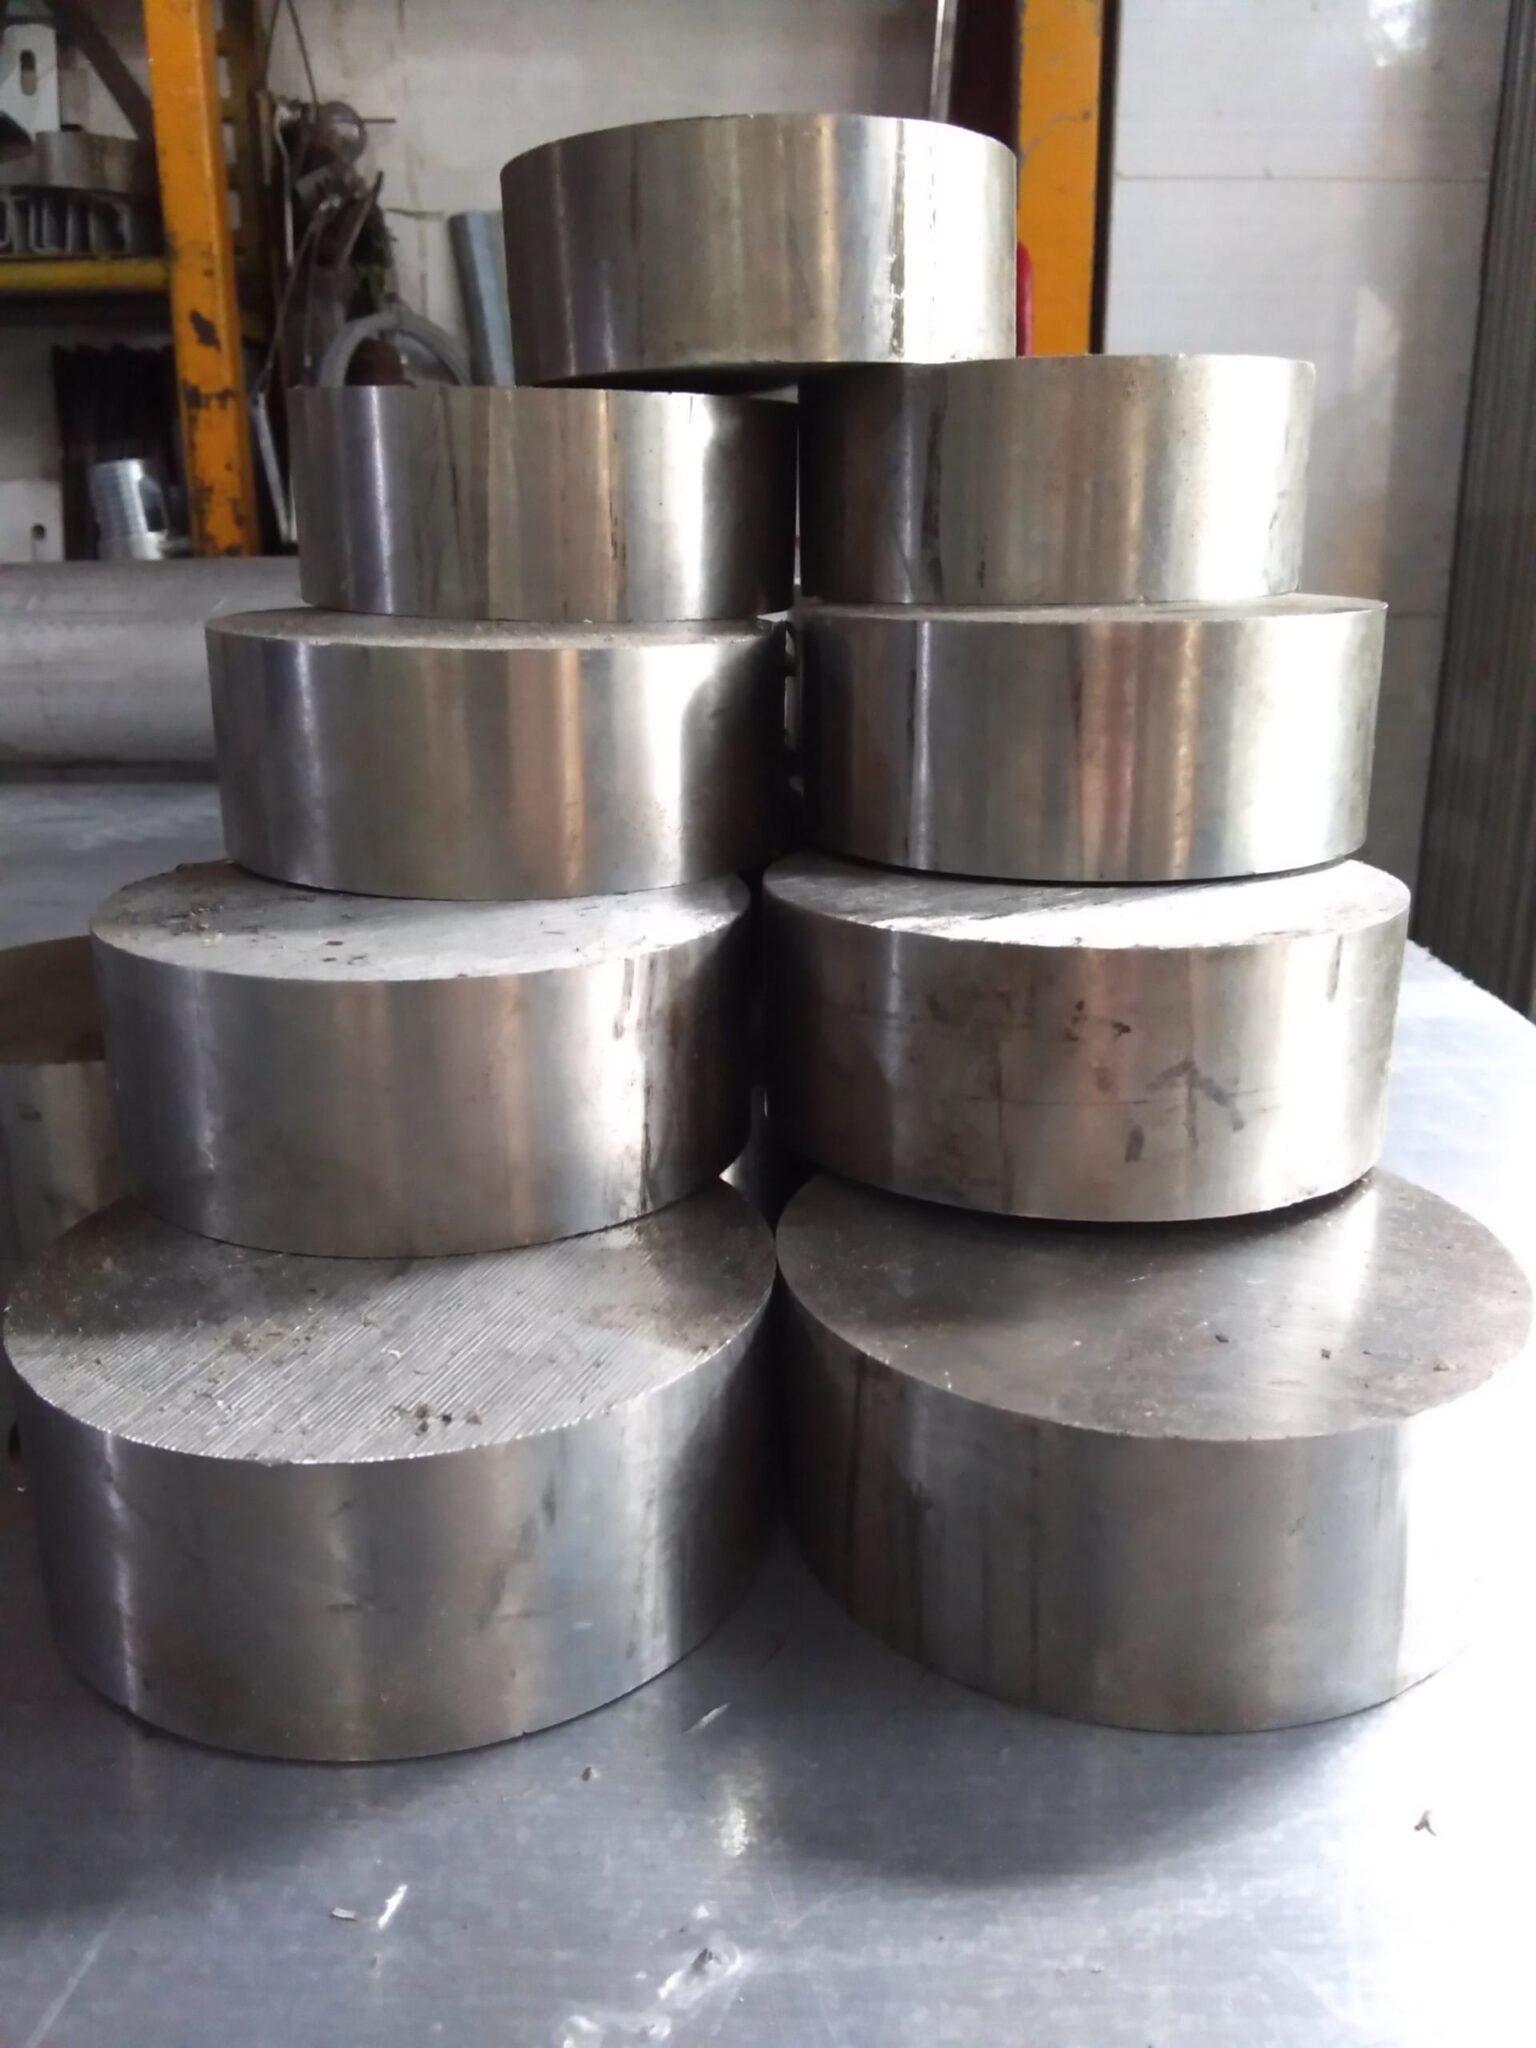 Trần Hùng metal Inox 304 D83. A Cường Đầm Sen